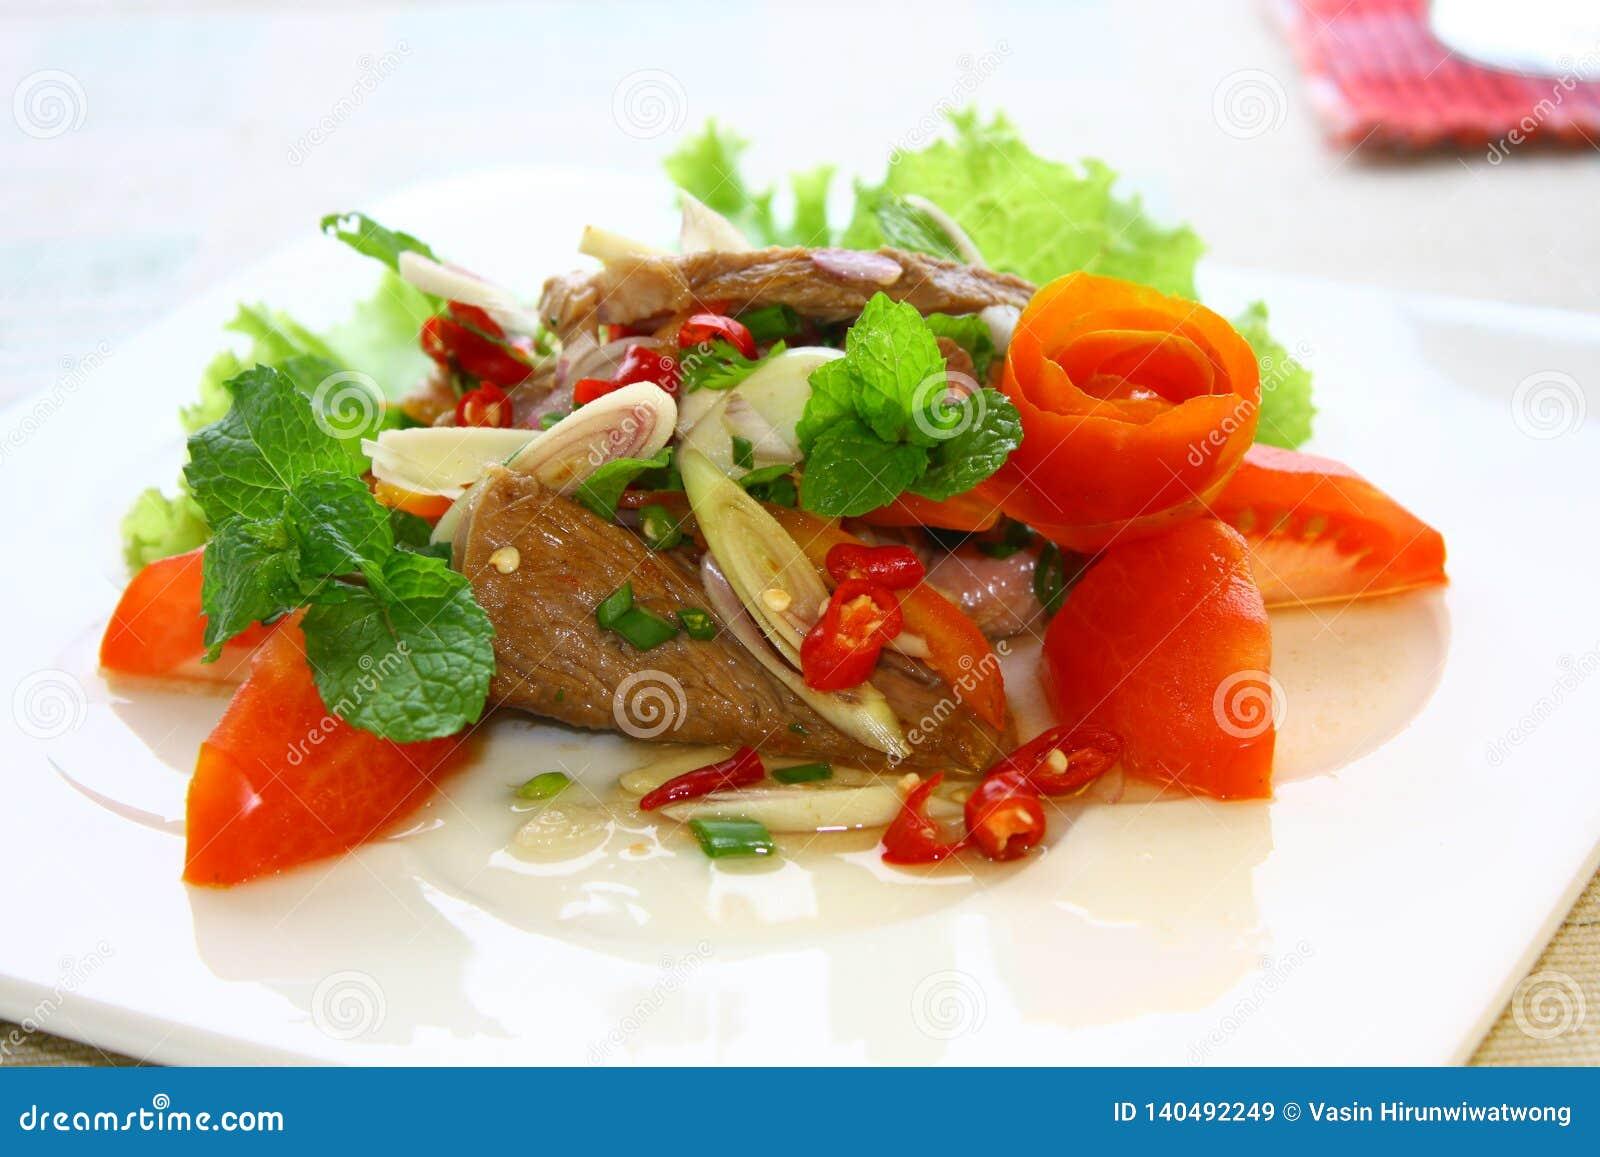 Торт рыб, тайский торт рыб стиля служил с хрустящими лист базилика